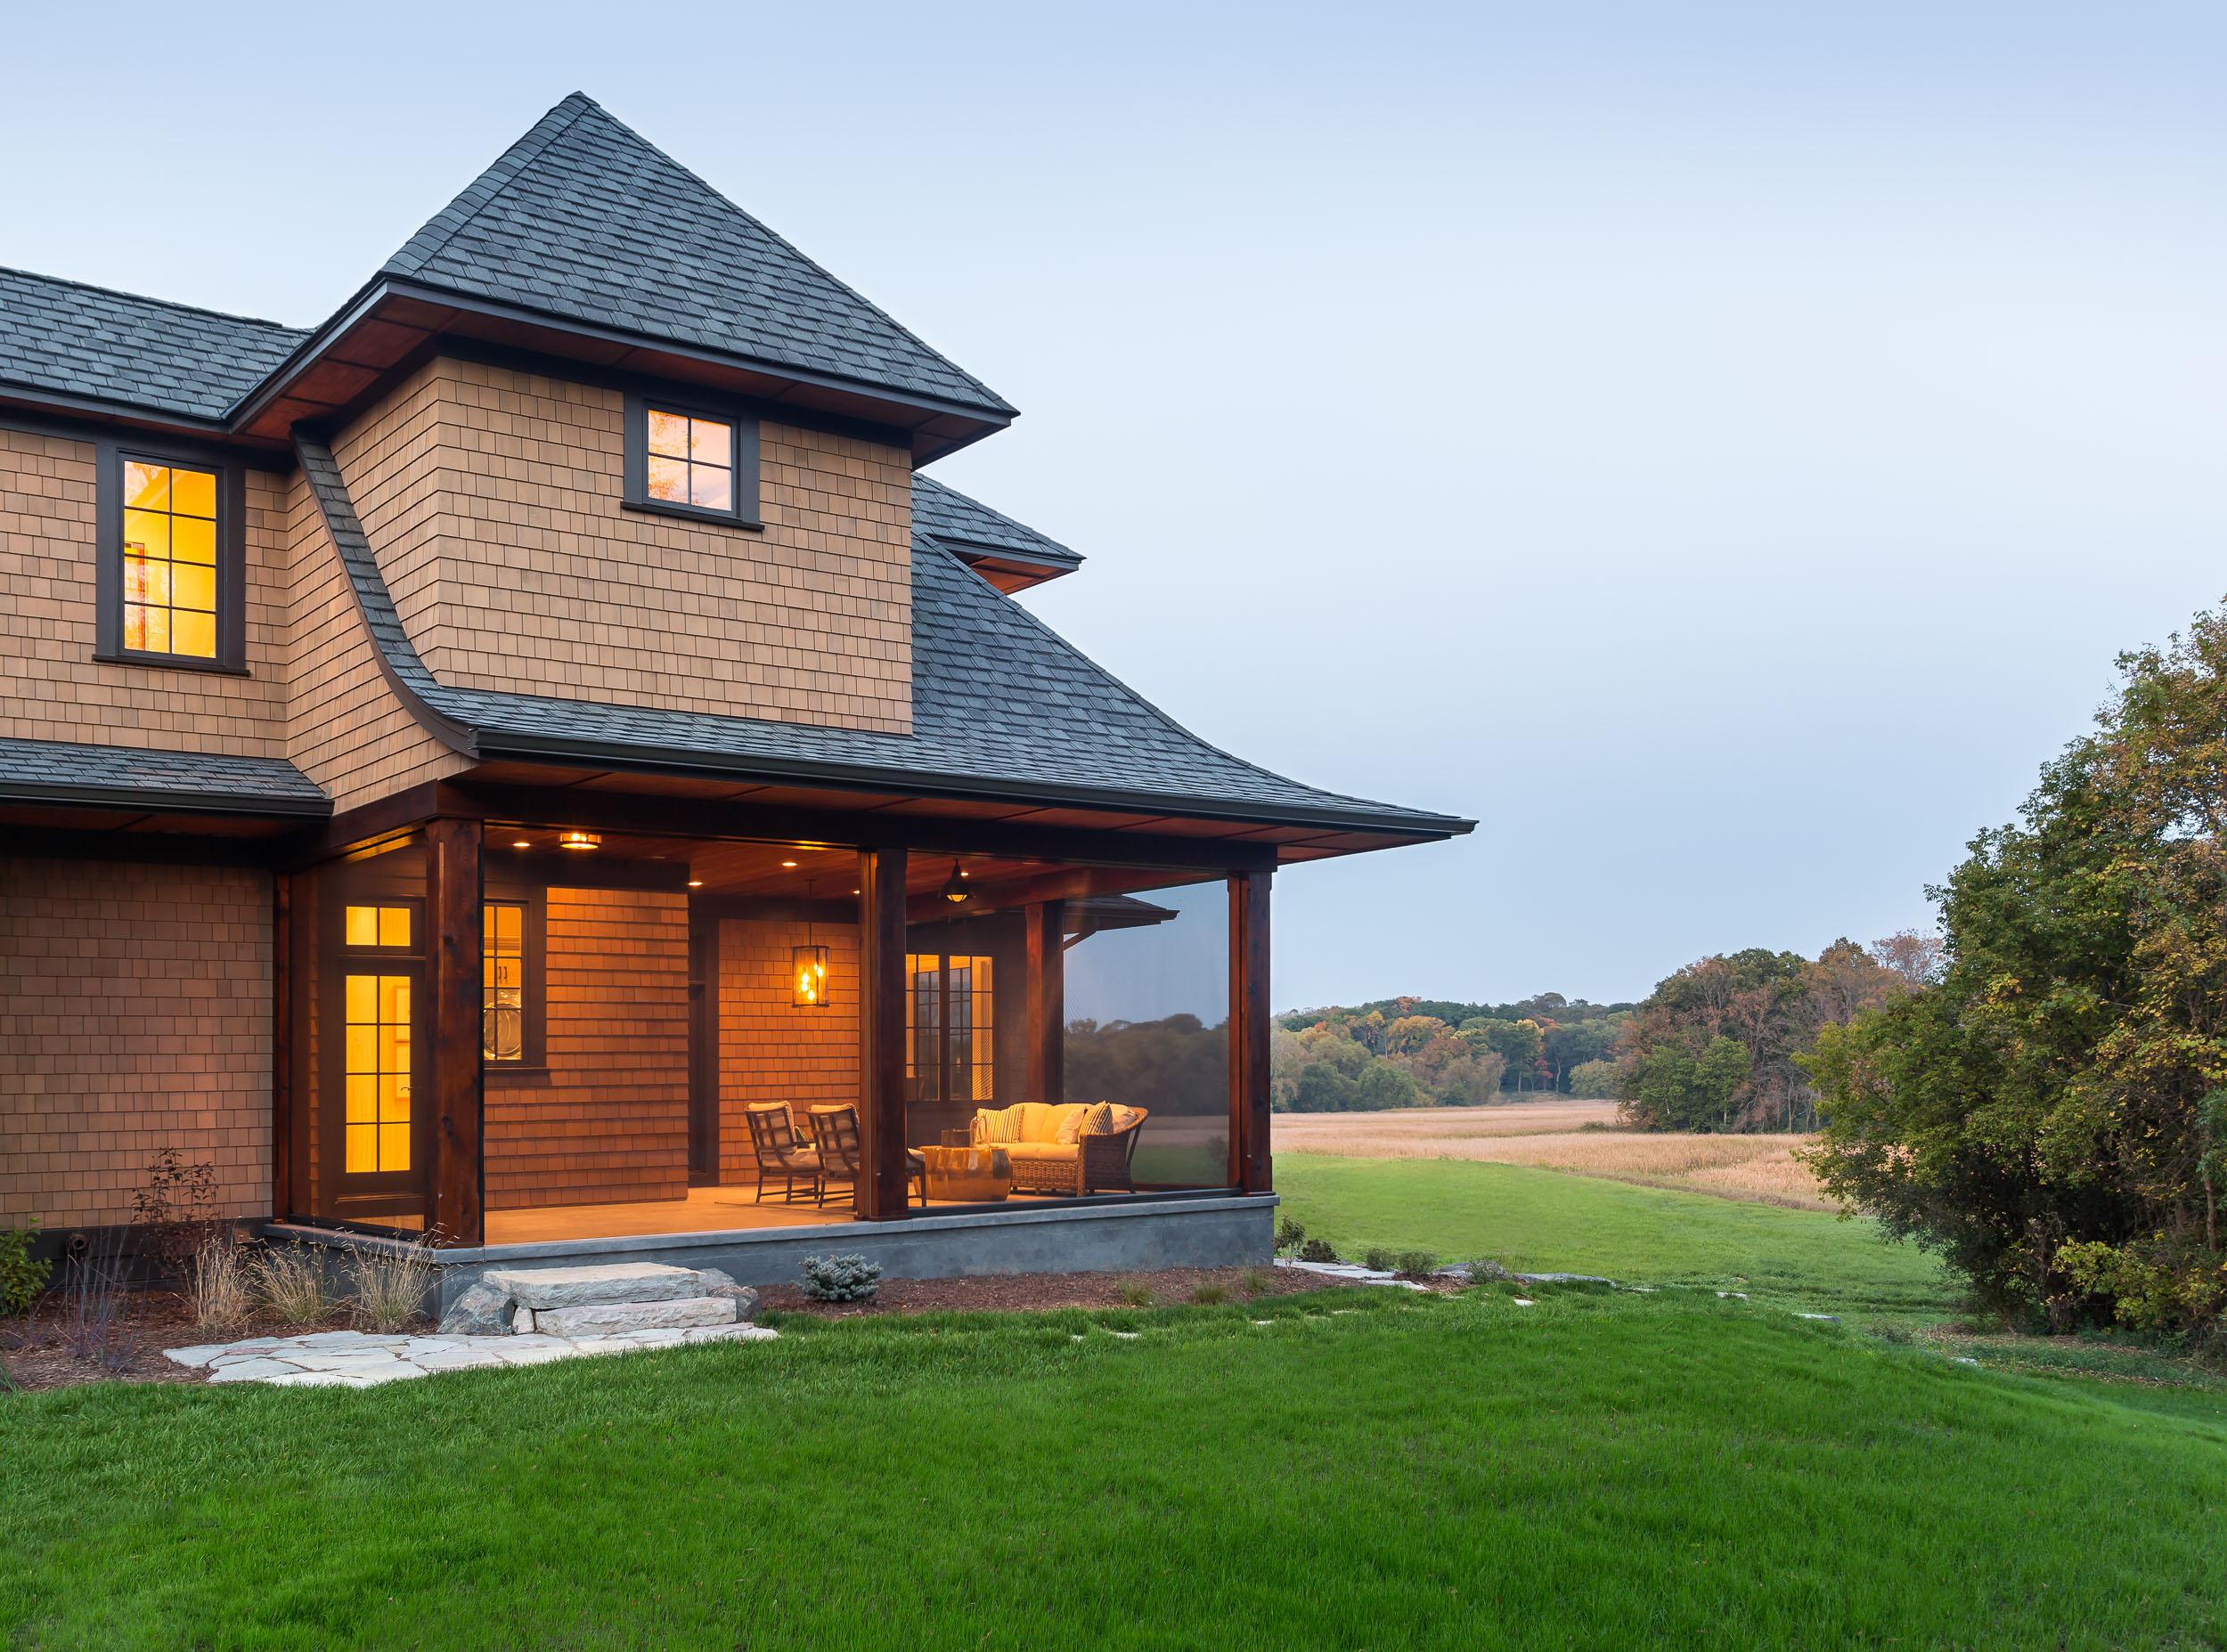 Orono Artisan Home Porch Image